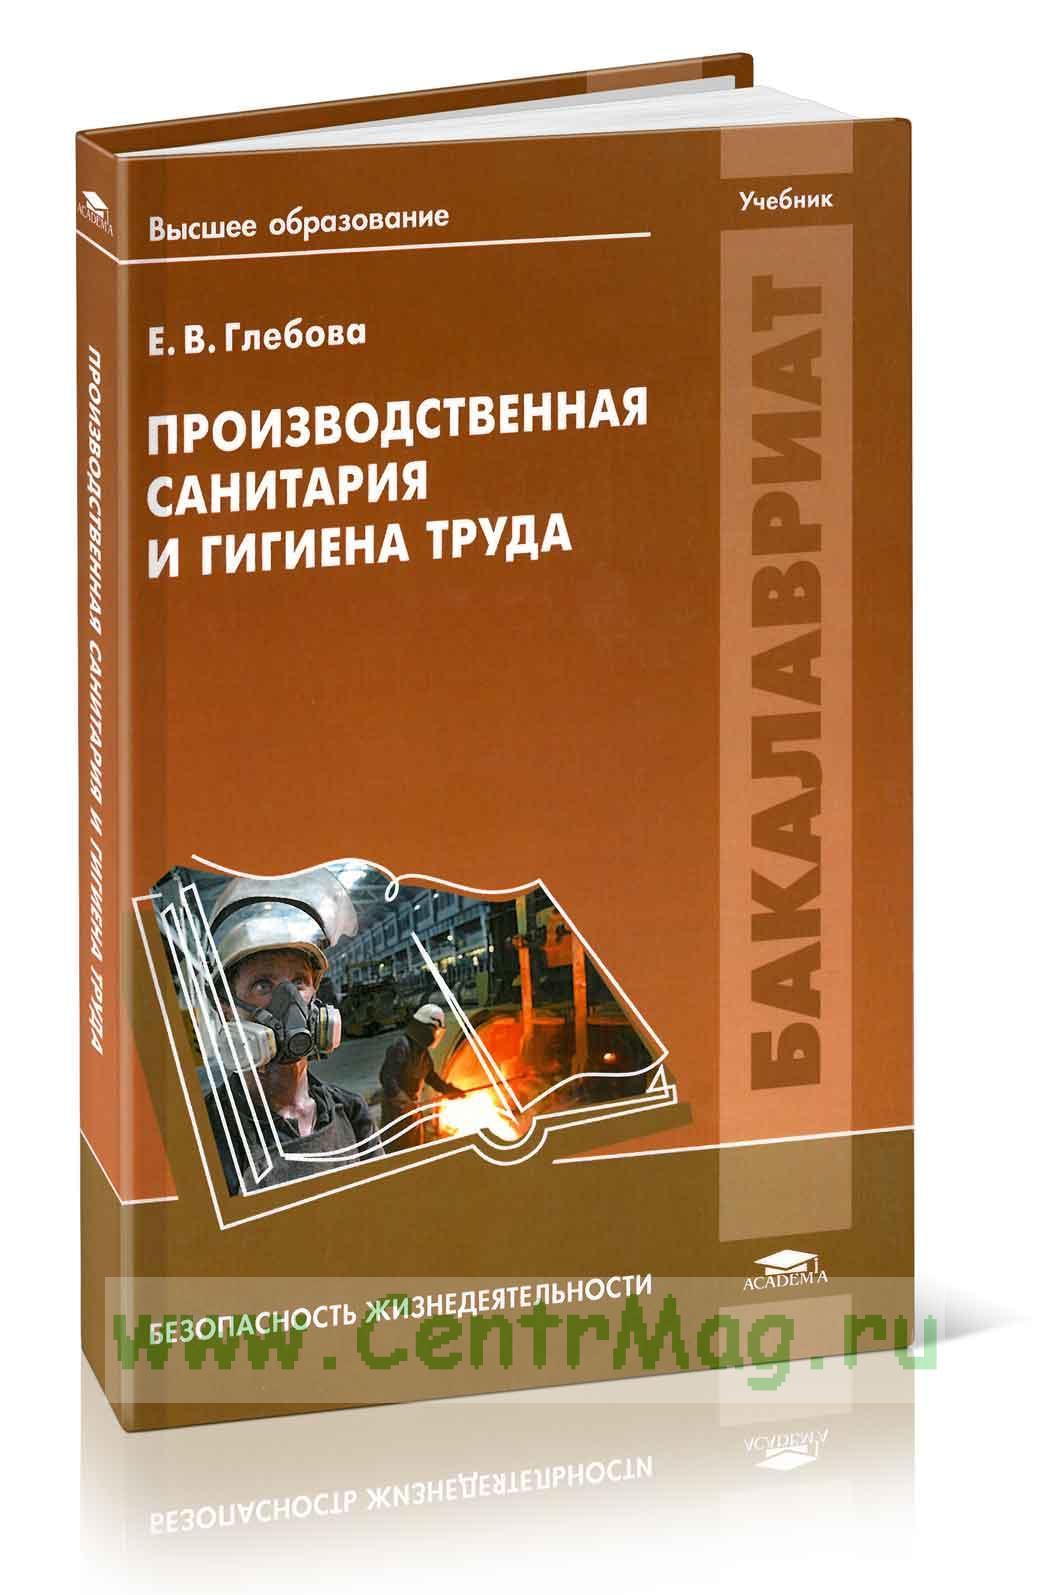 Производственная санитария и гигиена труда: учебник